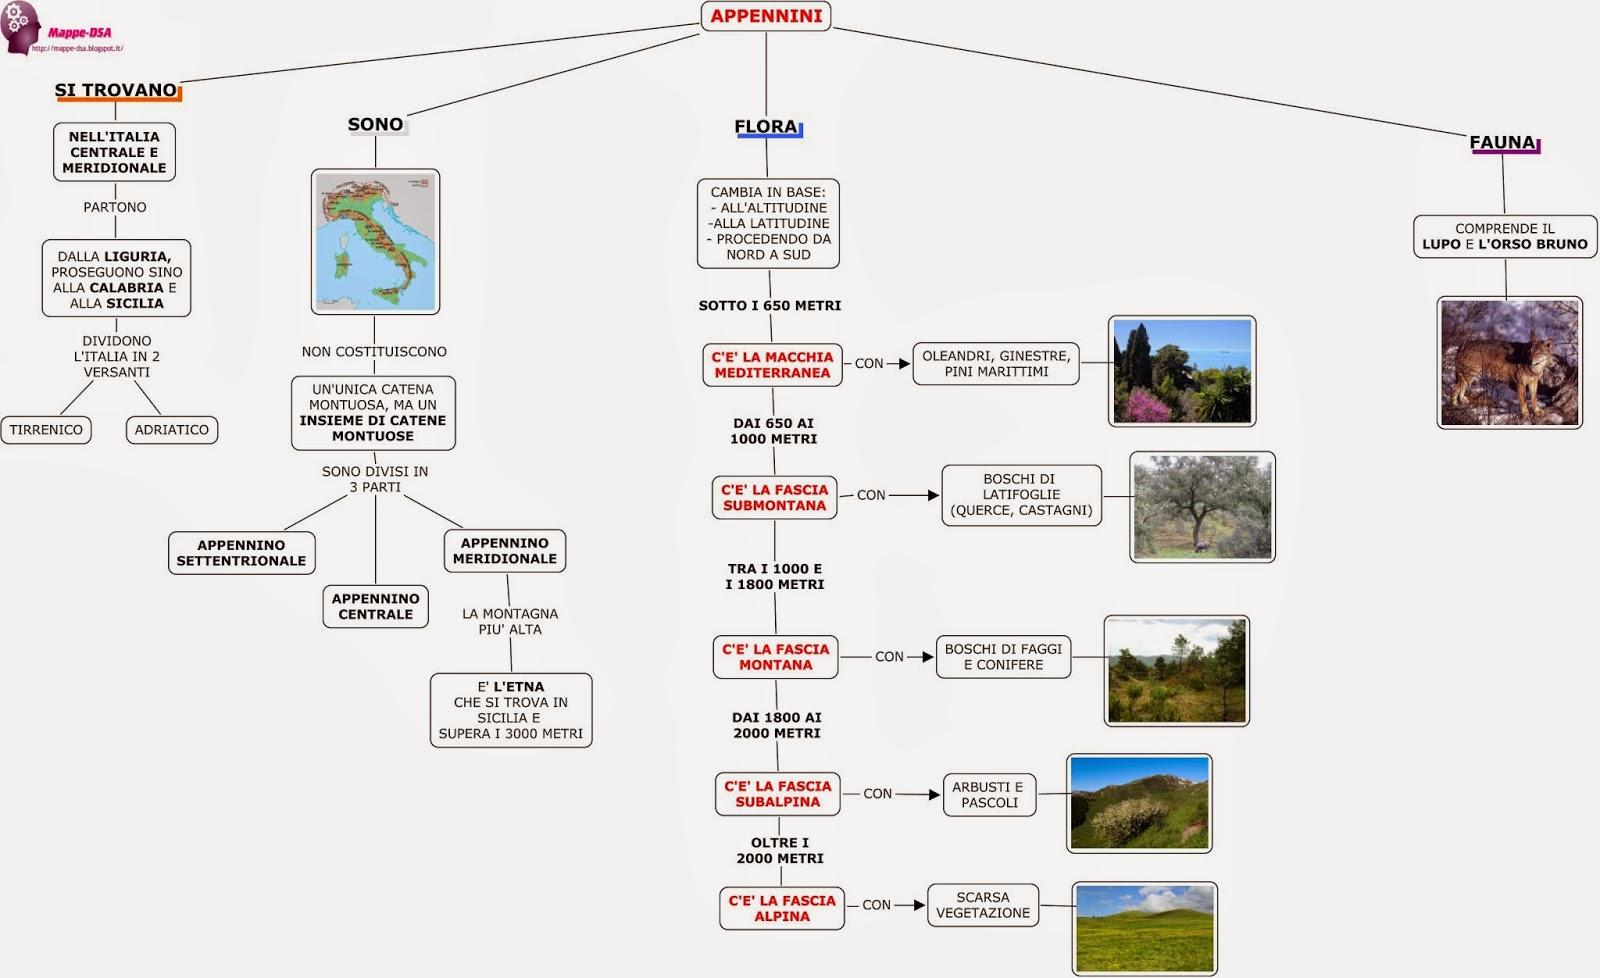 mappa schema dsa geografia Appennini